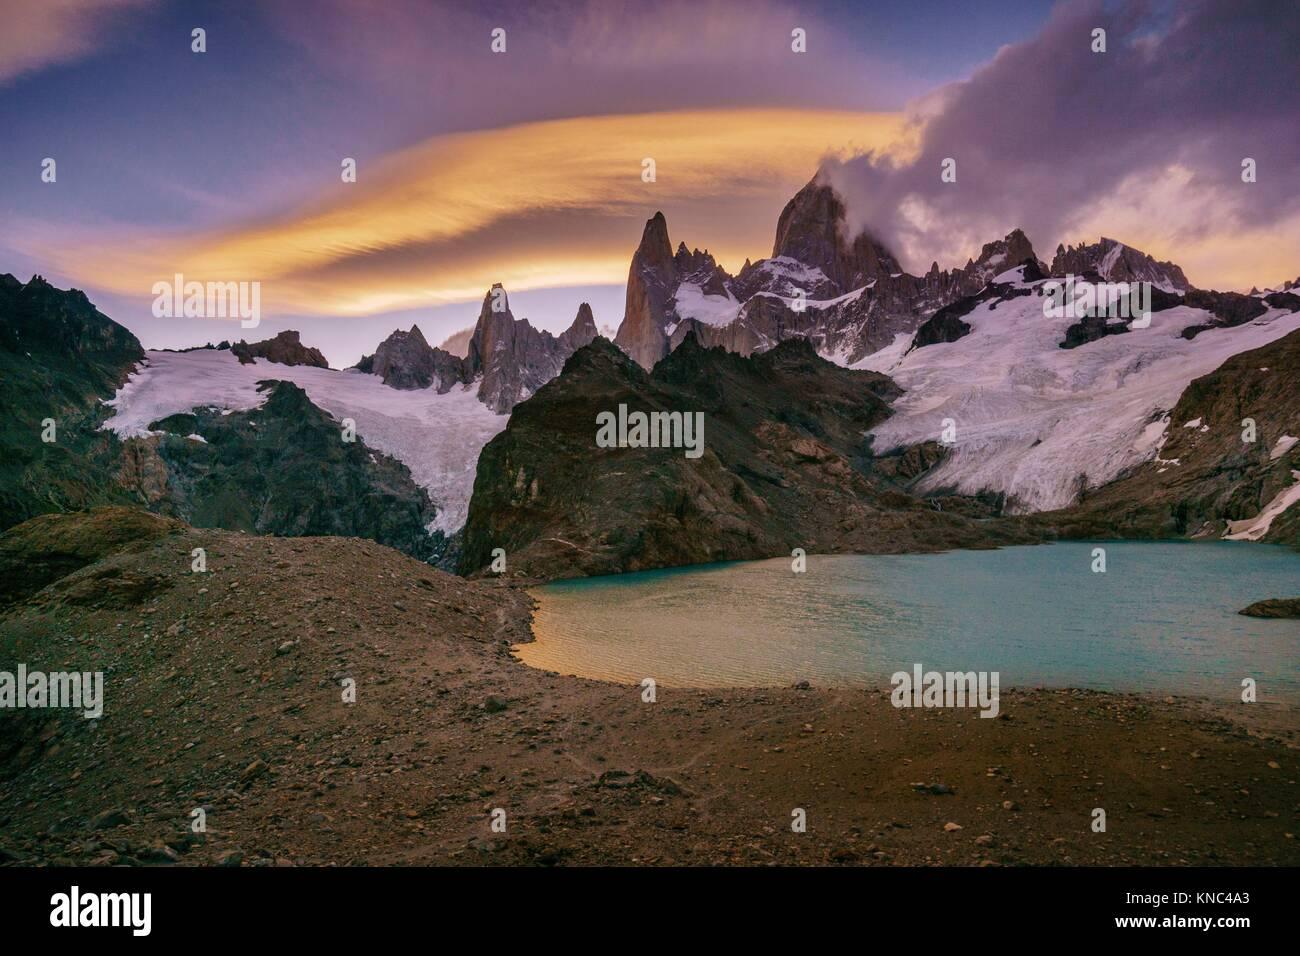 Monte Fitz Roy - cerro Chaltén -, de 3405 metros, la laguna de los Tres, el parque nacional Los Glaciares, Imagen De Stock